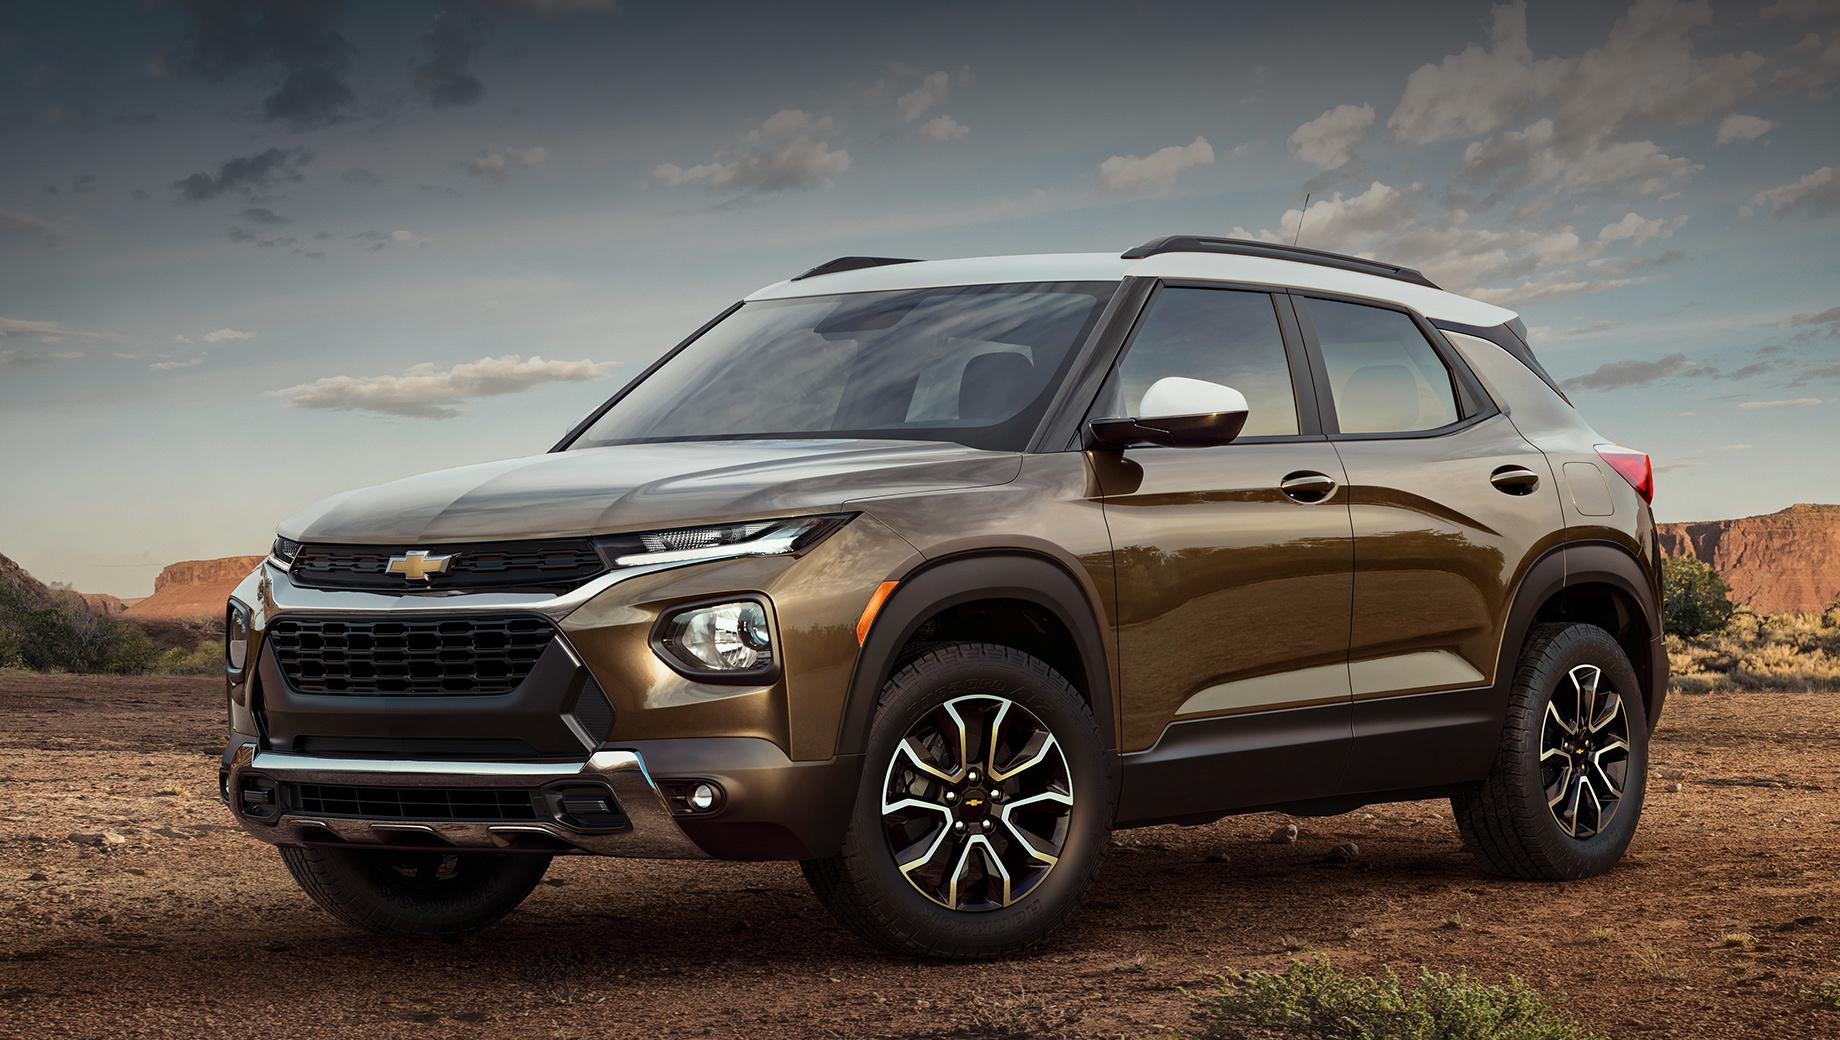 Chevrolet оснастила кроссовер Trailblazer 3-цилиндровыми двигателями